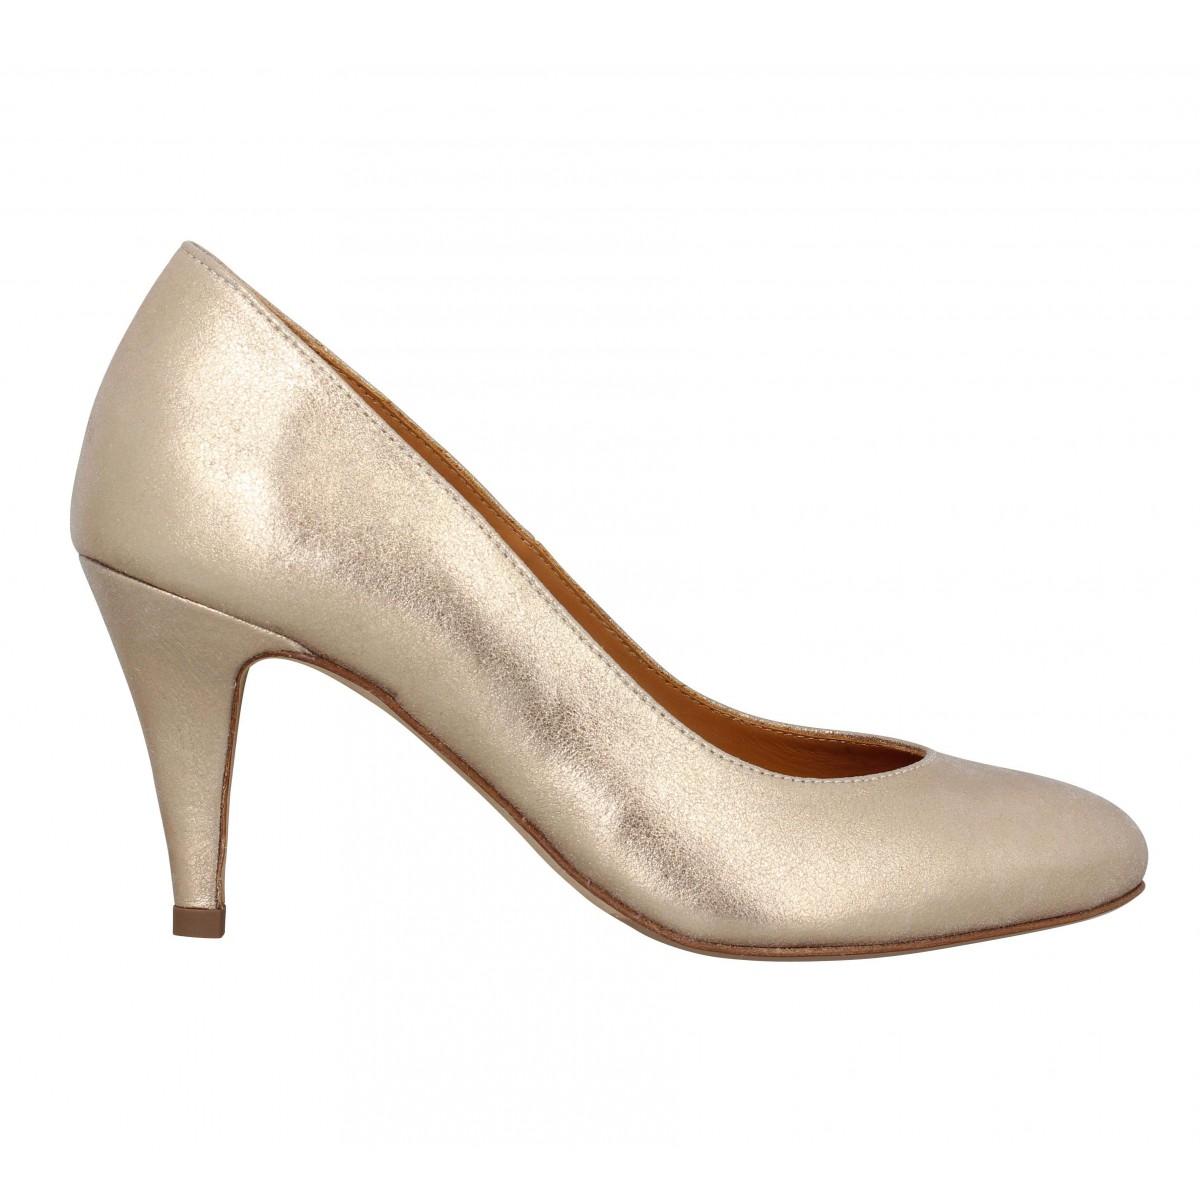 La Cuir Femme Fanny Chaussures Flatteuse Bobbies Or 8qSEBw8d